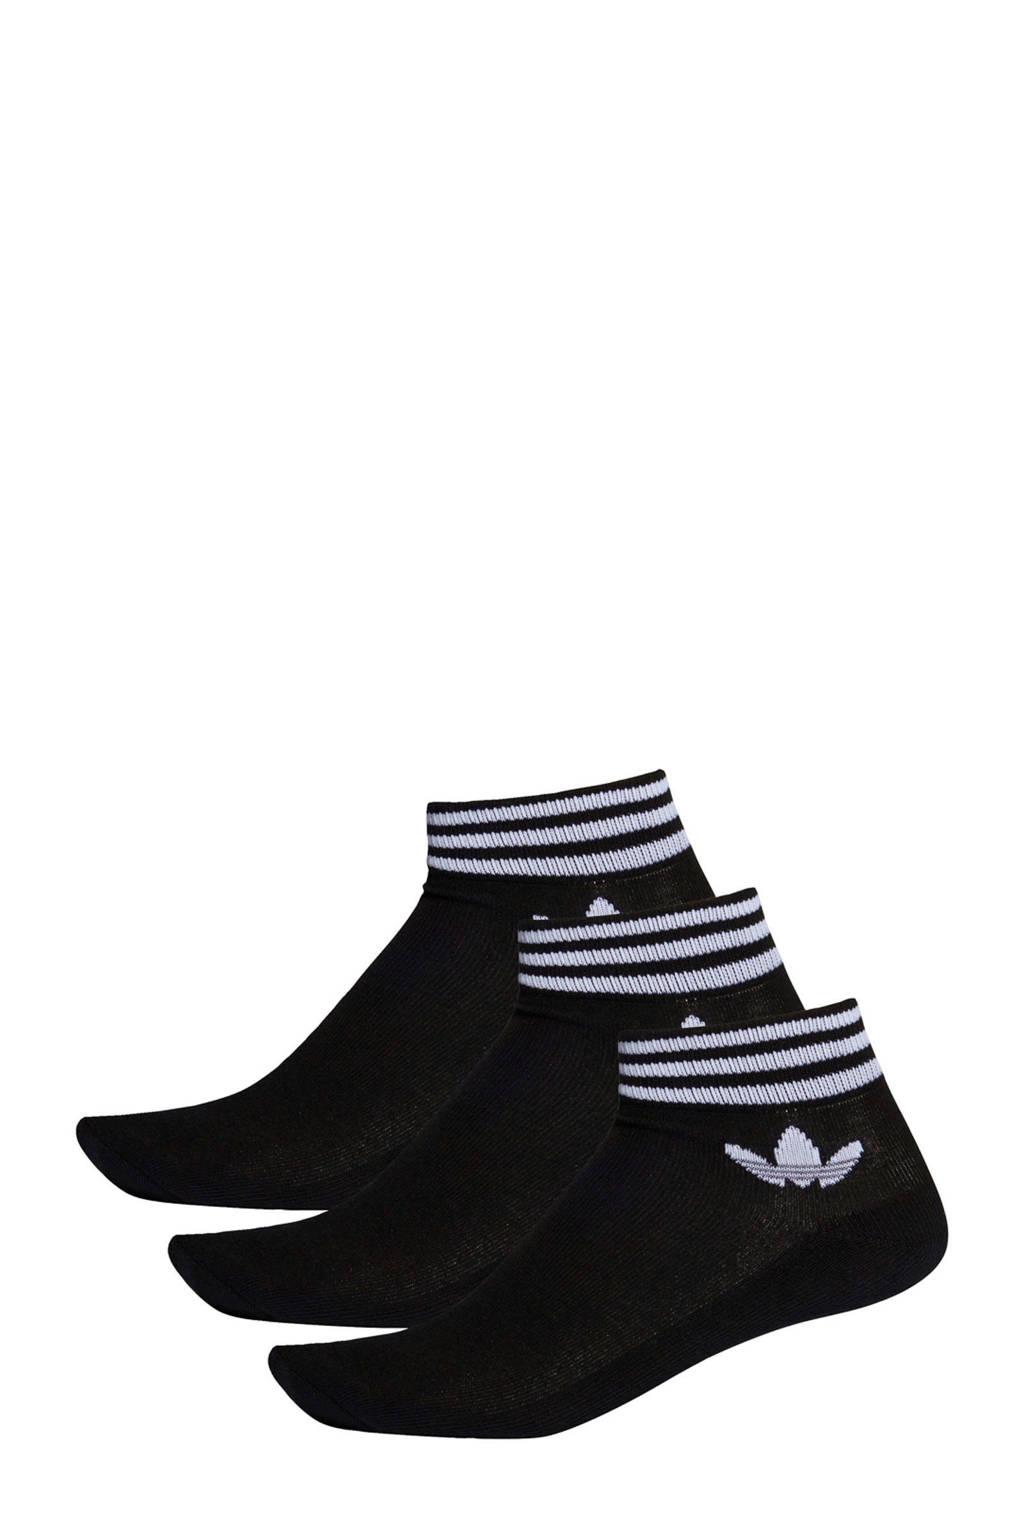 adidas Originals   Adicolor enkelsokken (set van 3) zwart, Zwart/wit